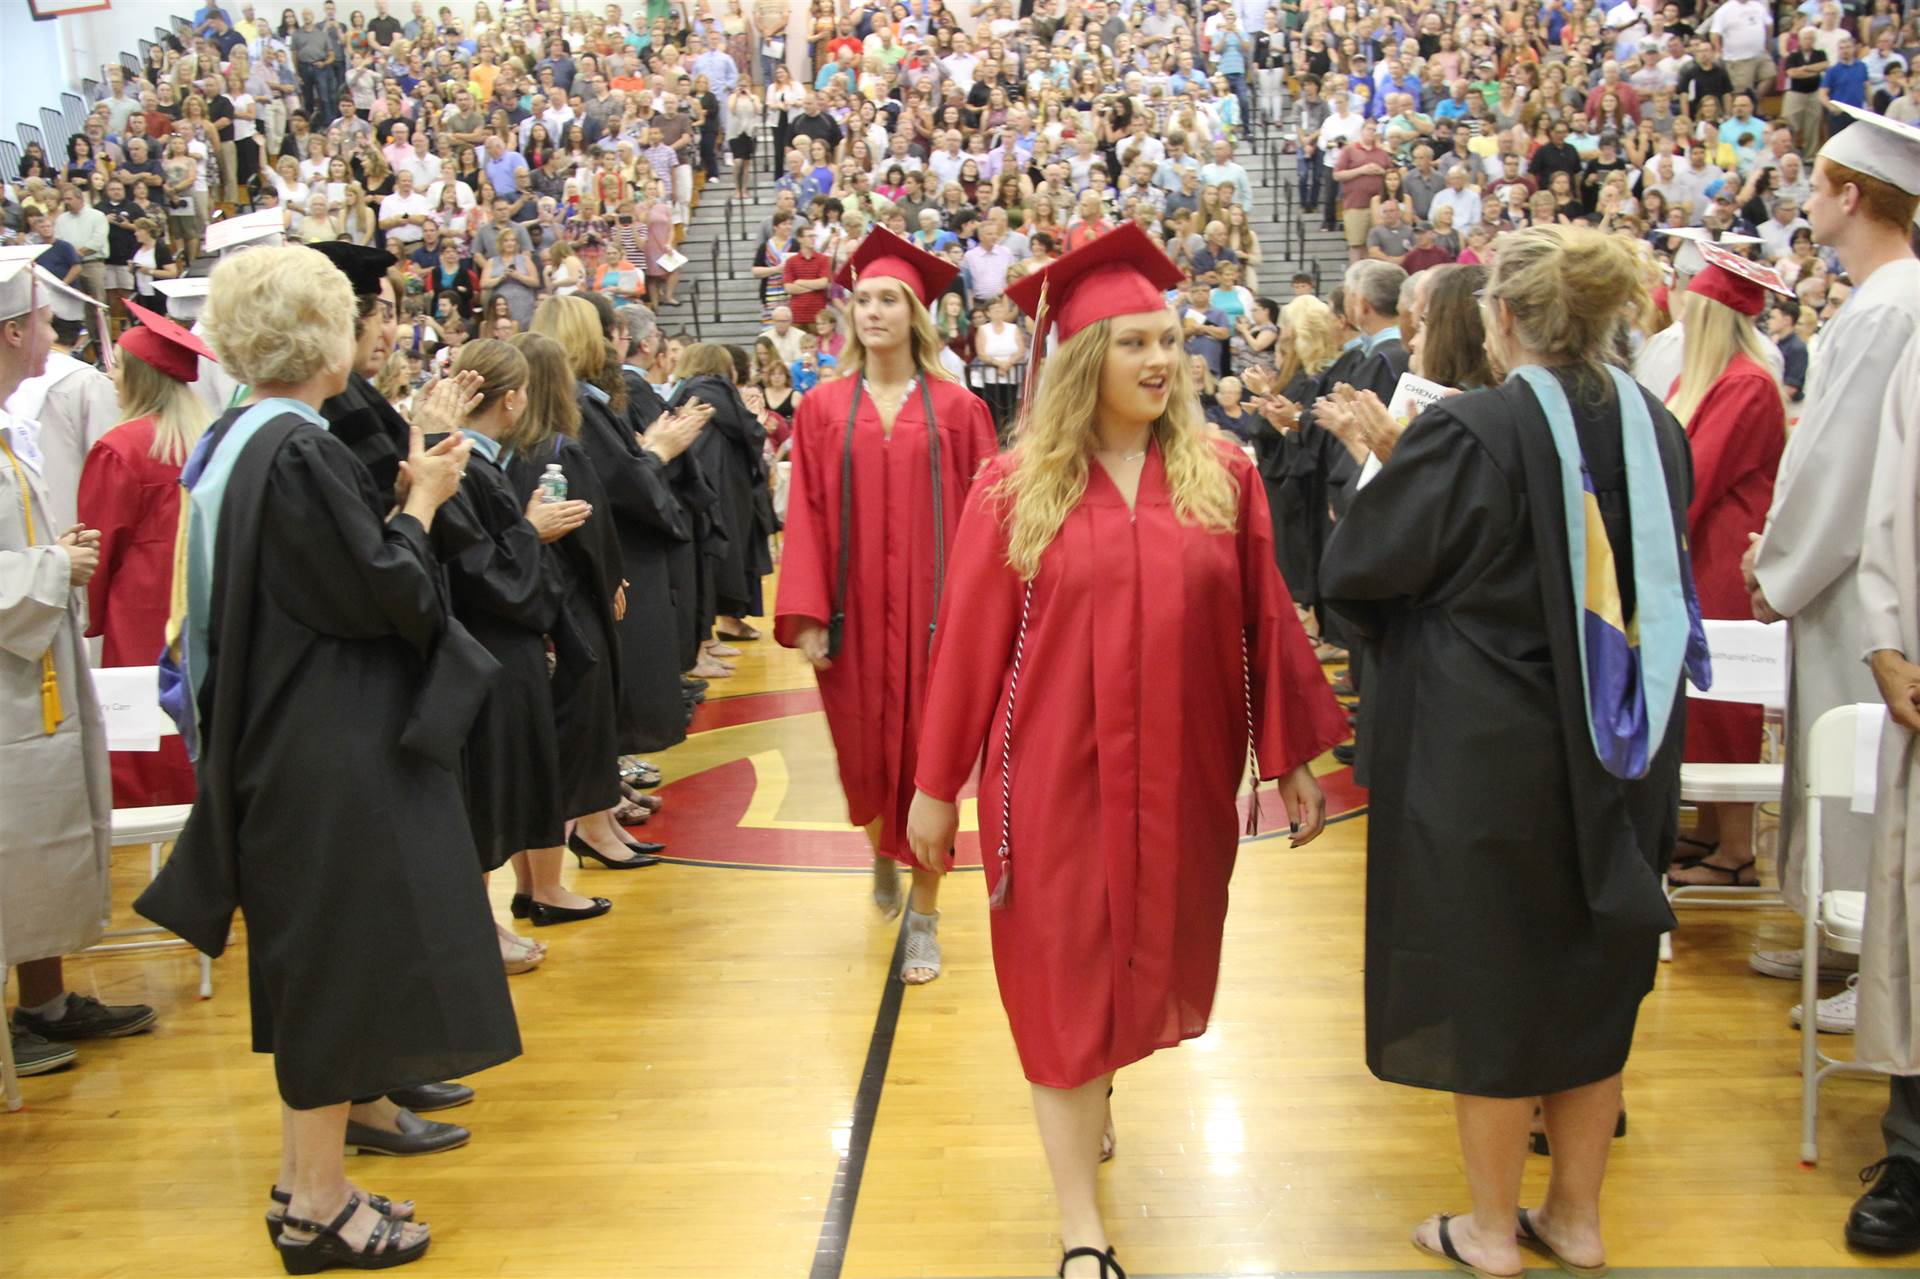 photo 73 from 2017 C V Graduation.